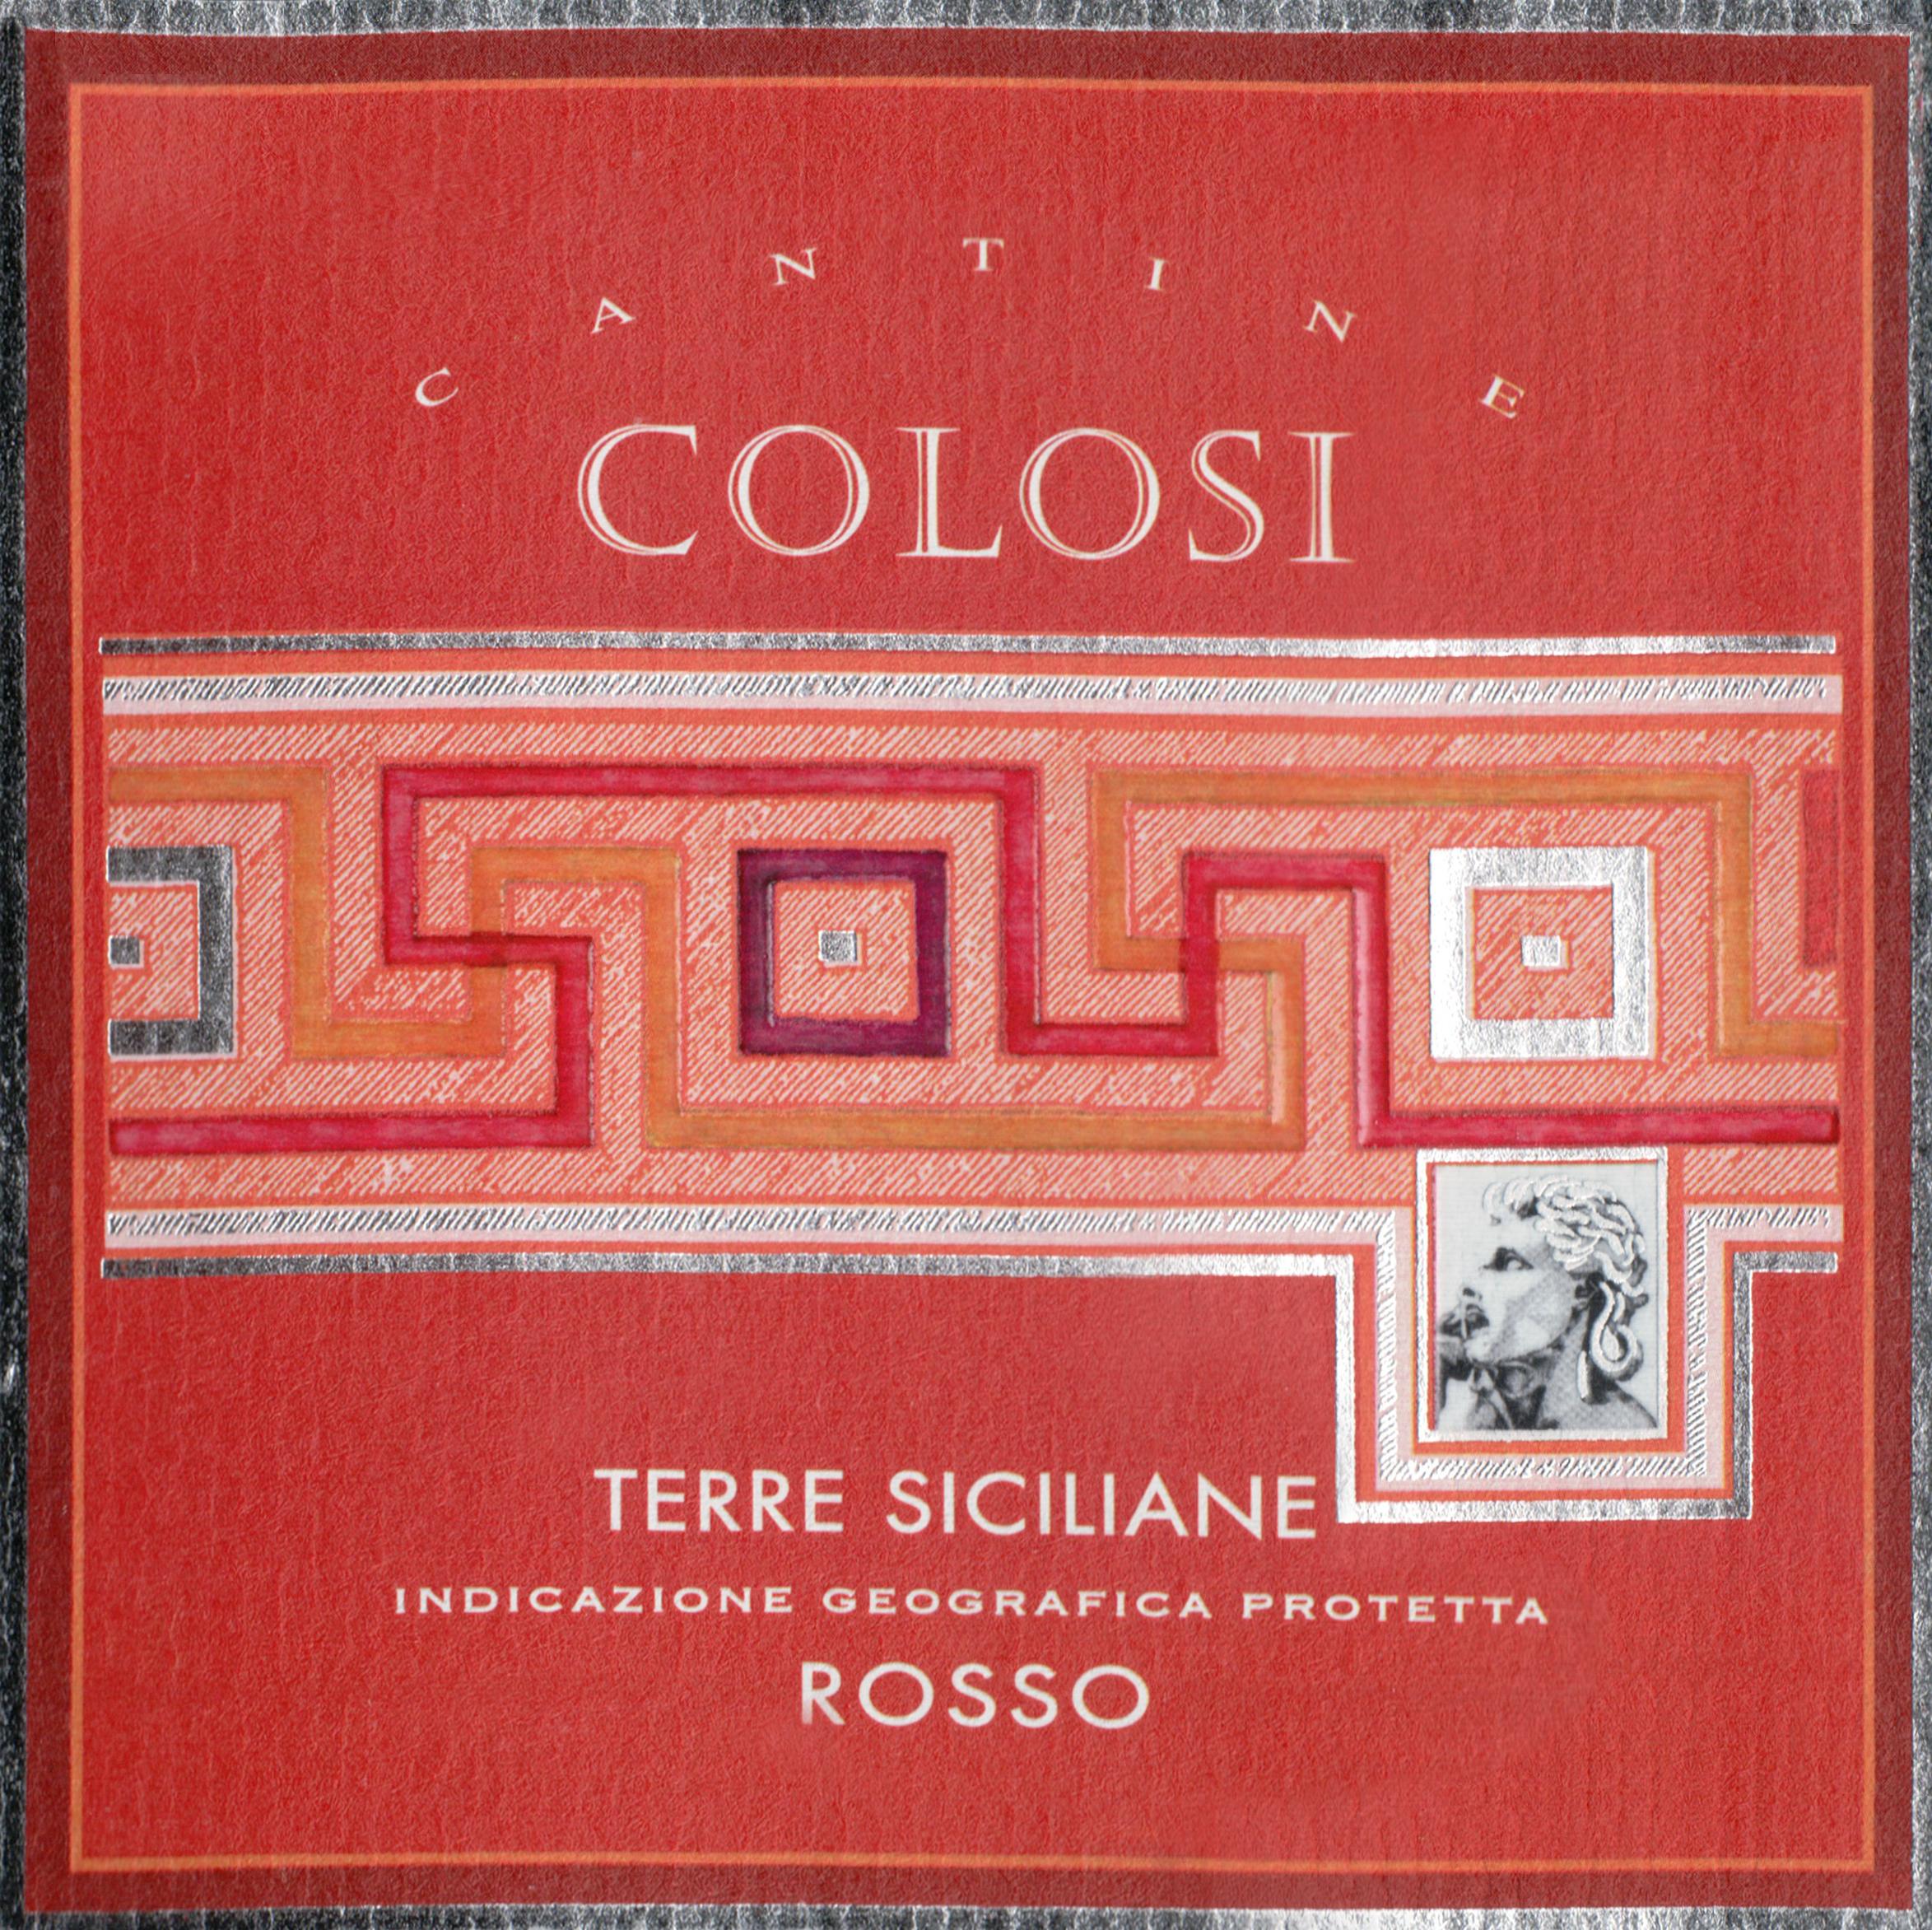 Colosi Rosso 2017